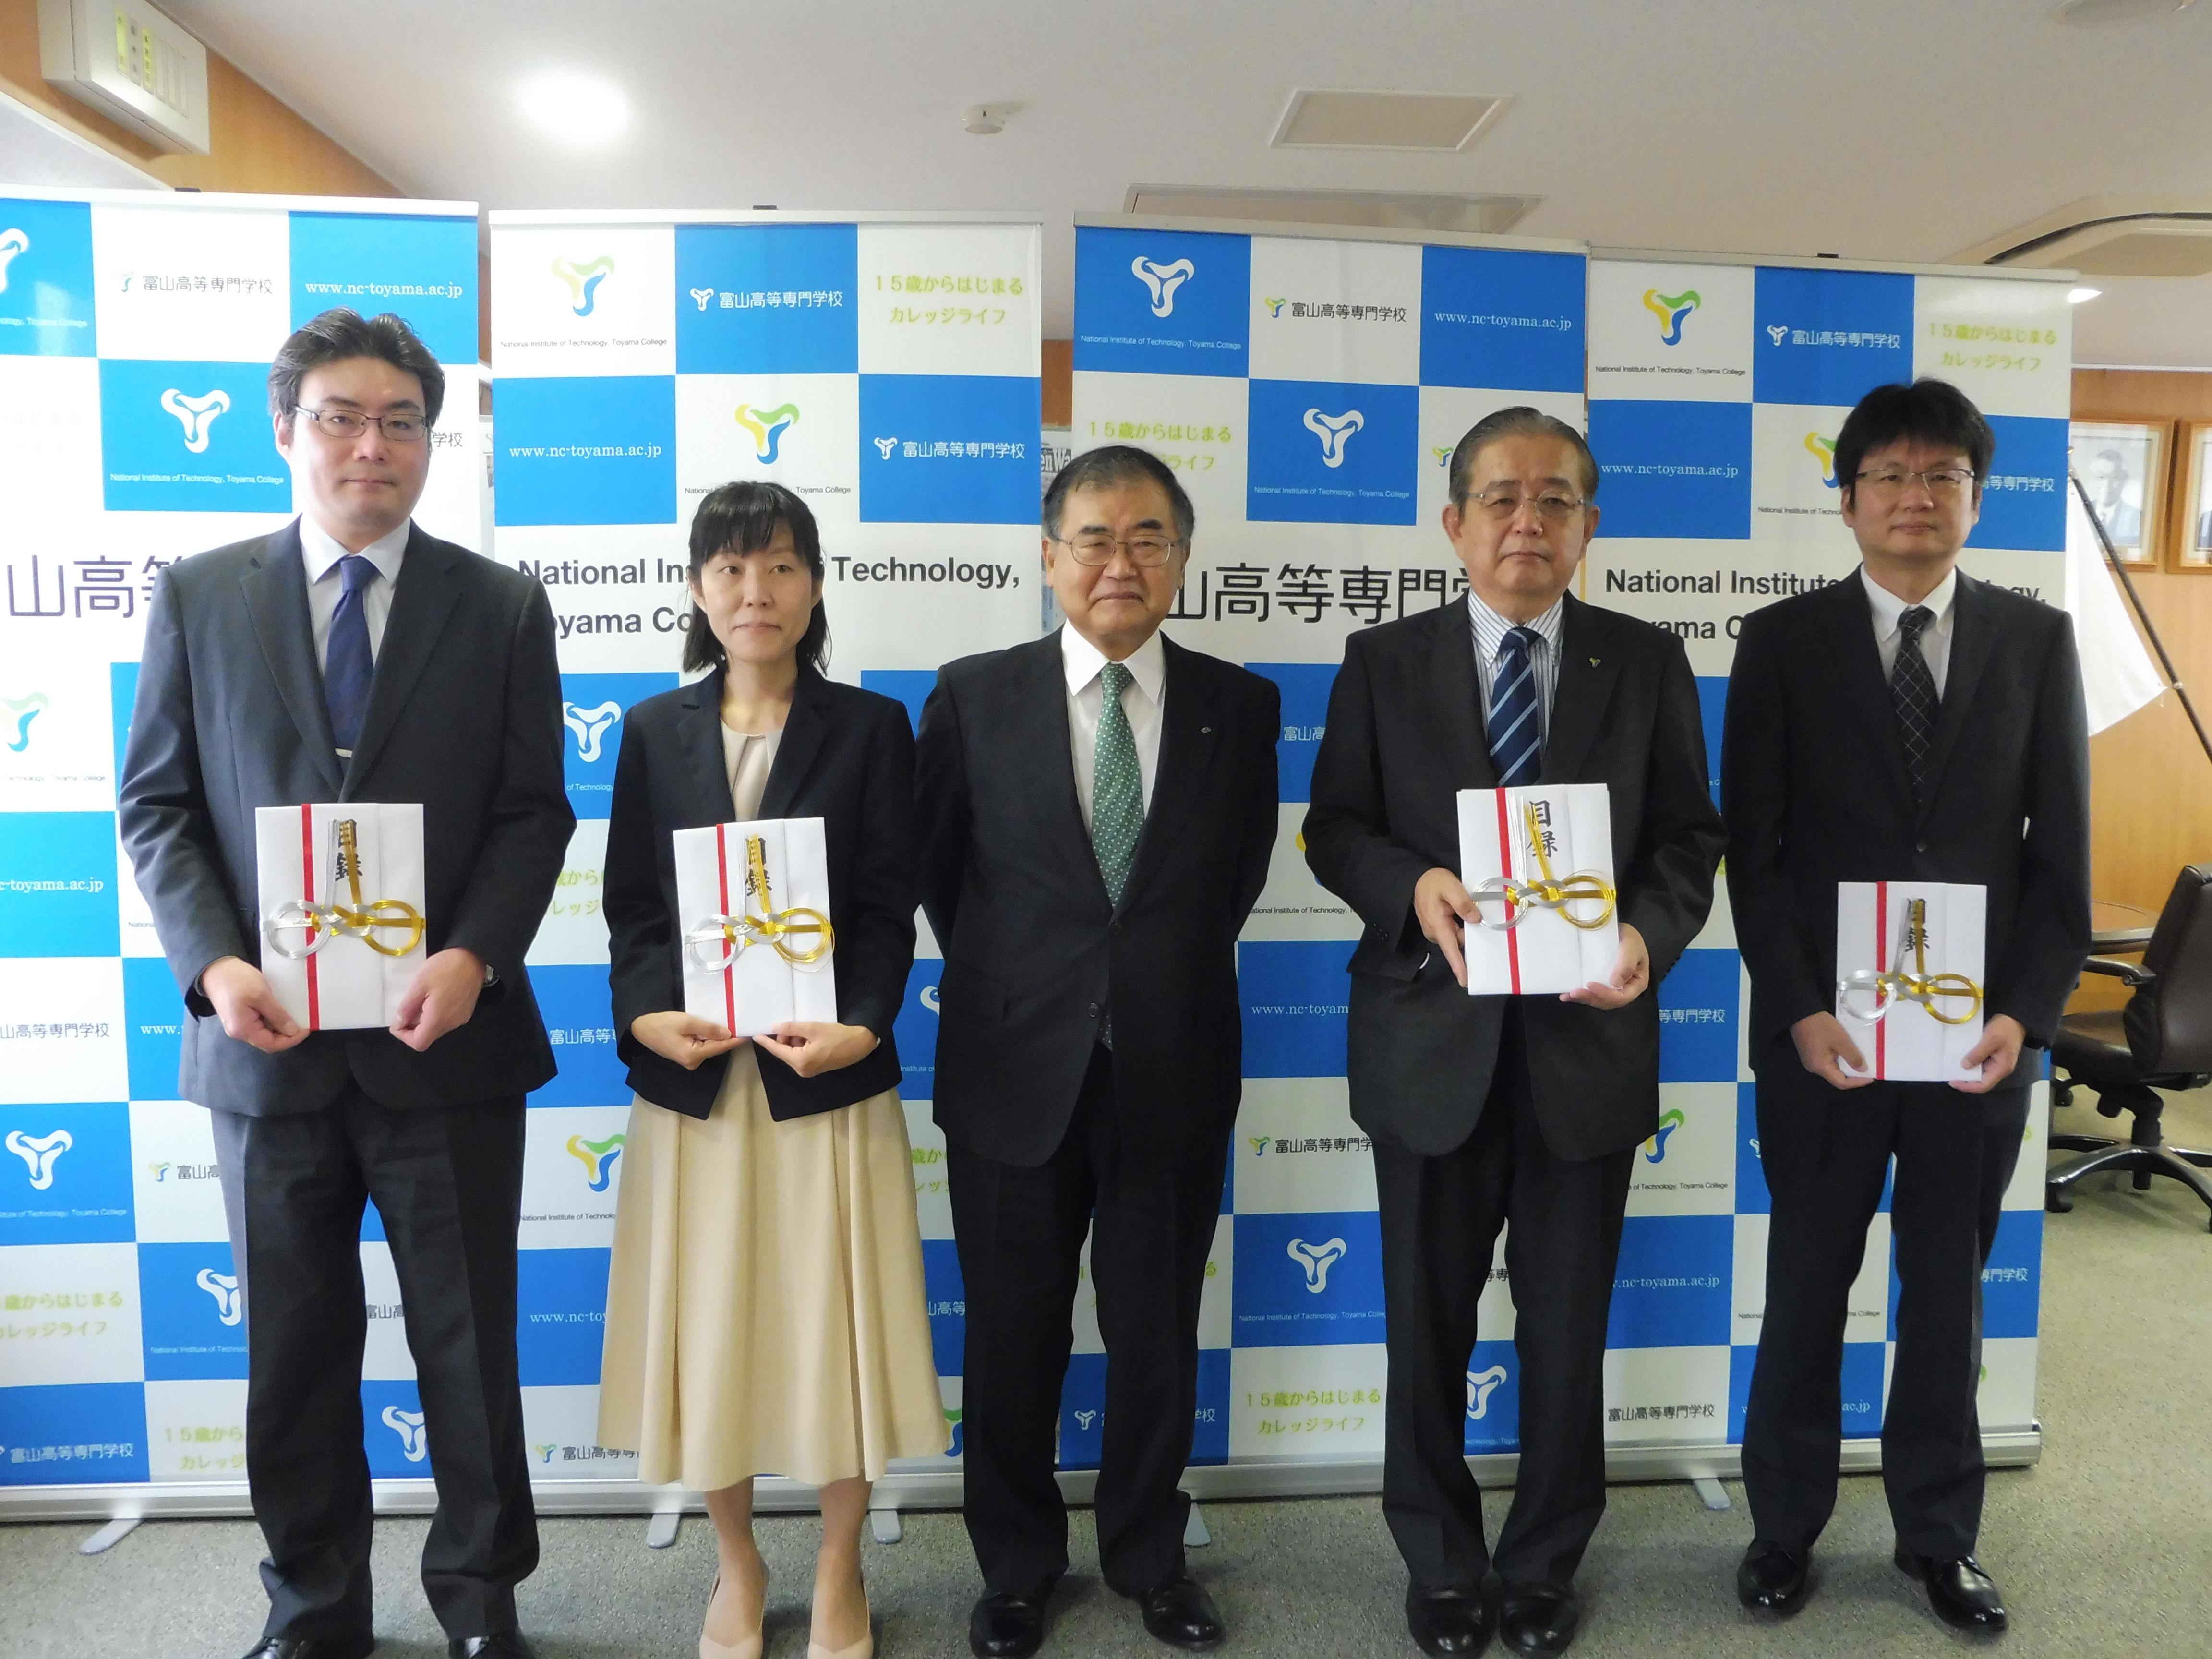 富山第一銀行奨学財団から令和2年度研究助成金の目録が贈呈されました。